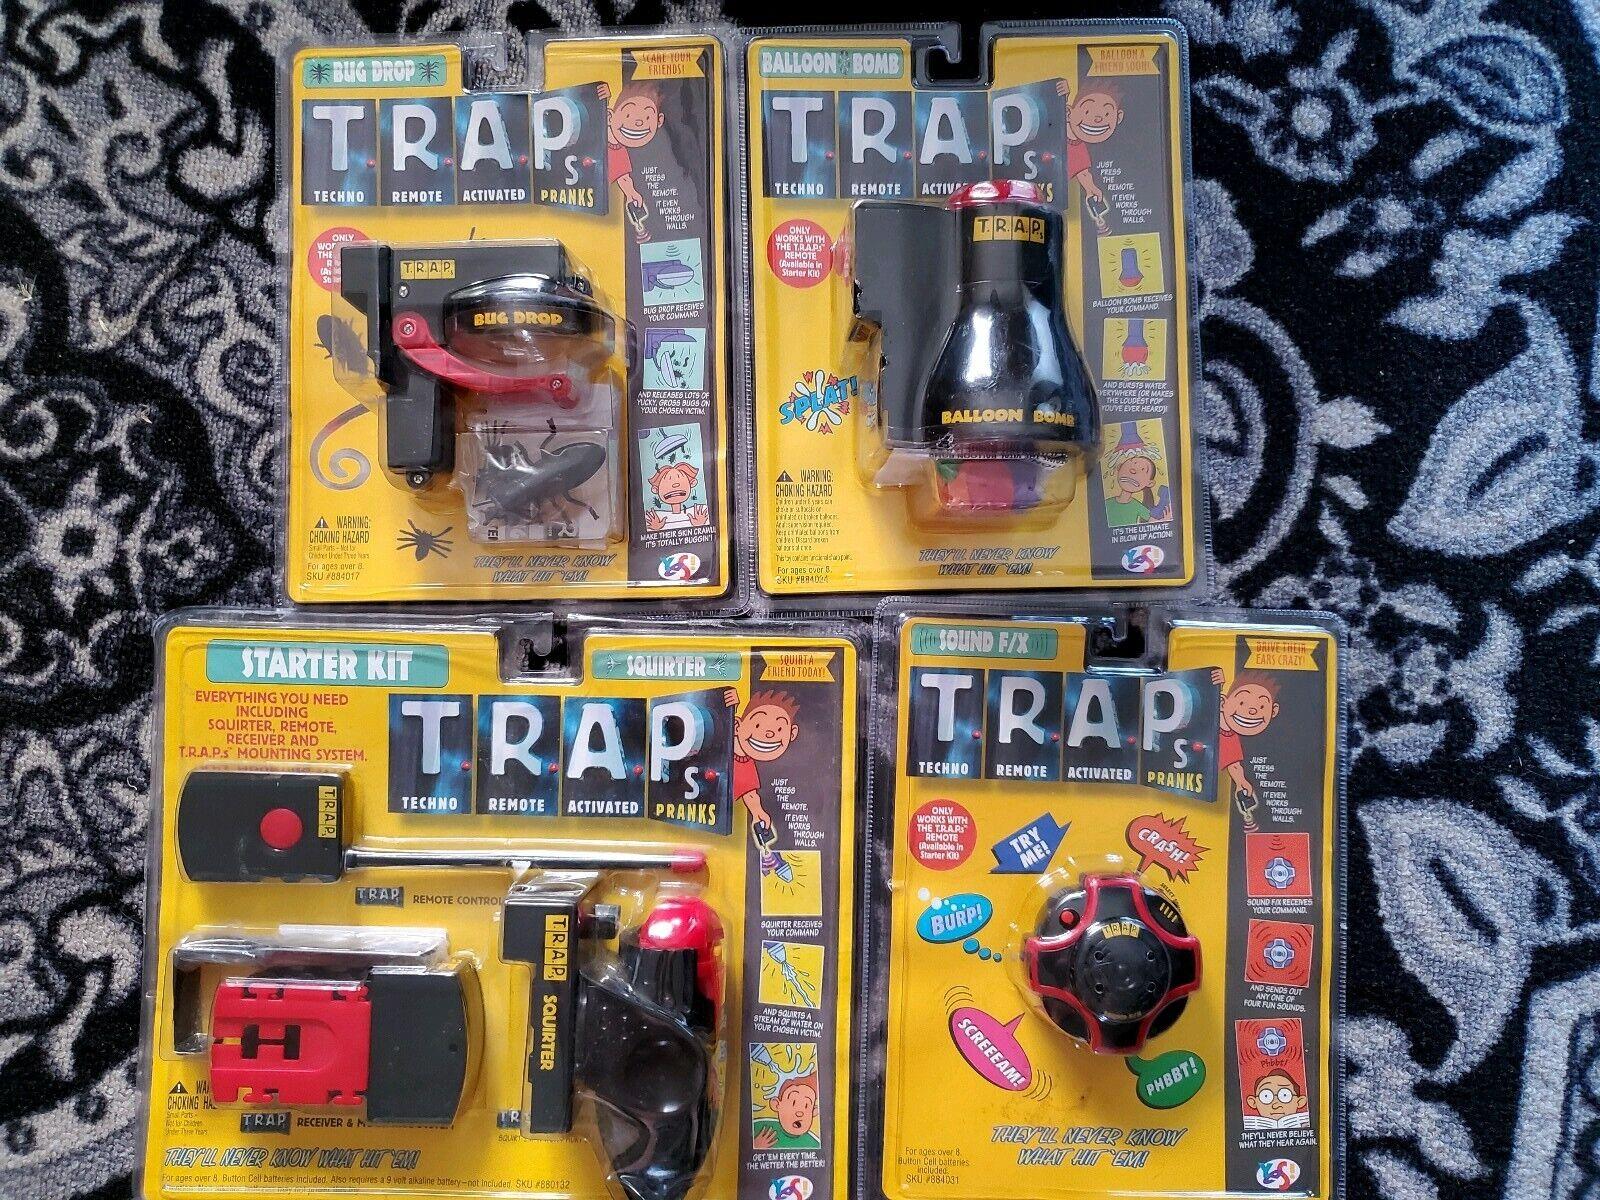 Trap techno complete collection with remote control RARE NEW